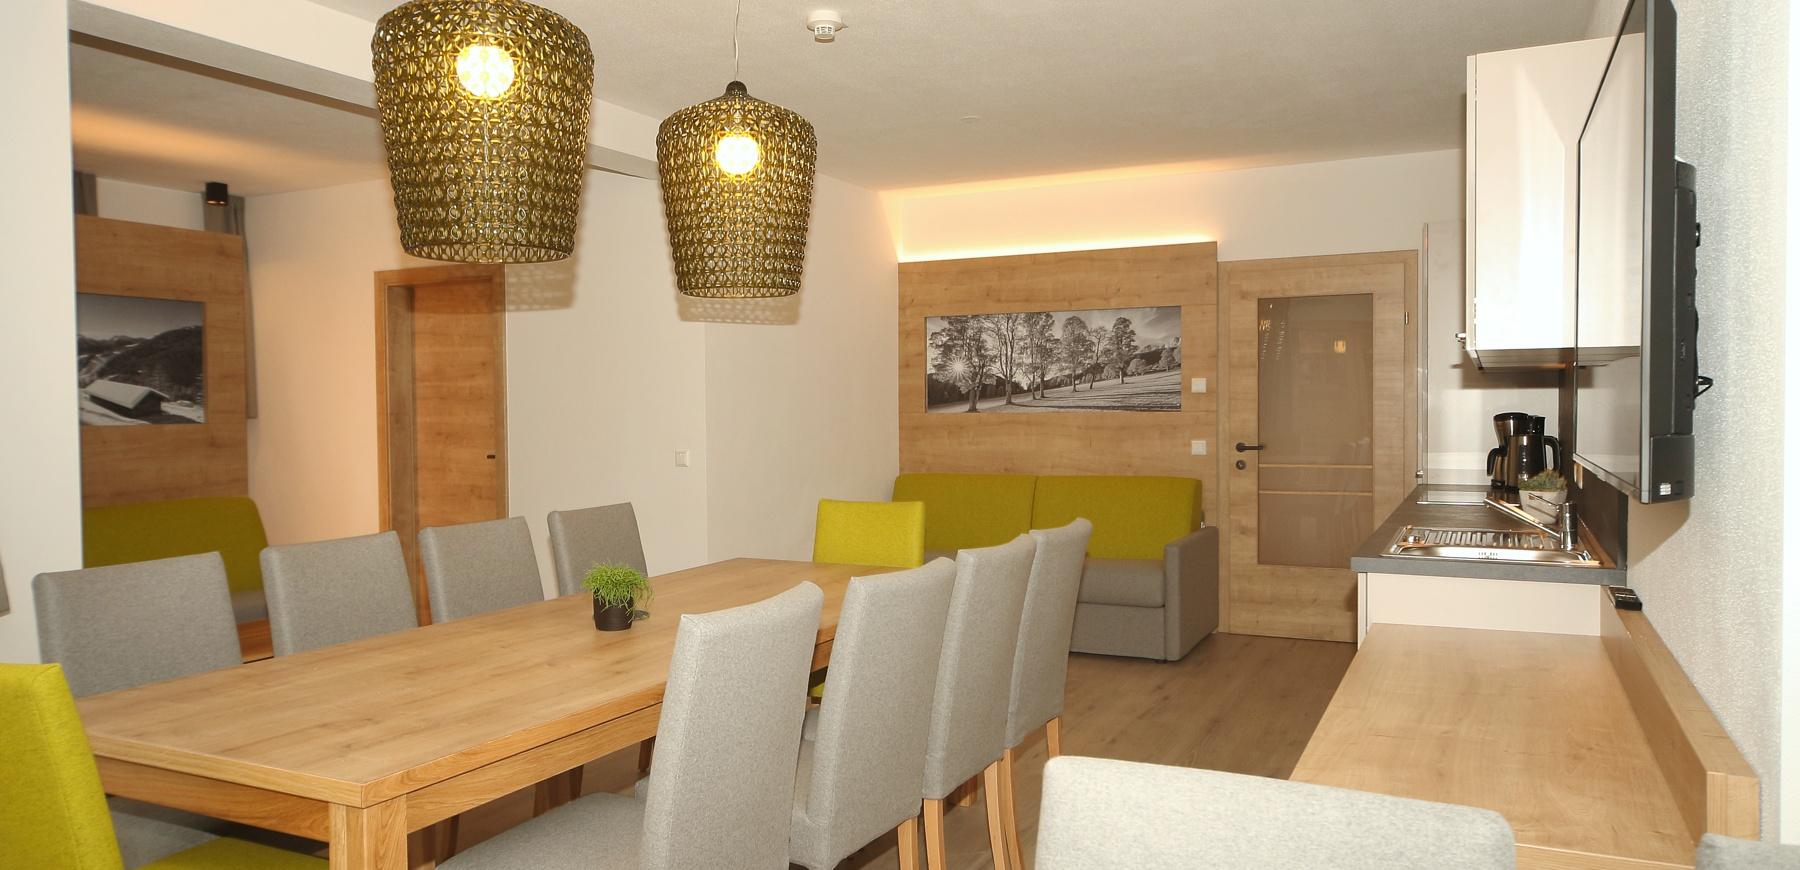 appartement ignaz ferienwohnungen f r bis zu 16 personen. Black Bedroom Furniture Sets. Home Design Ideas